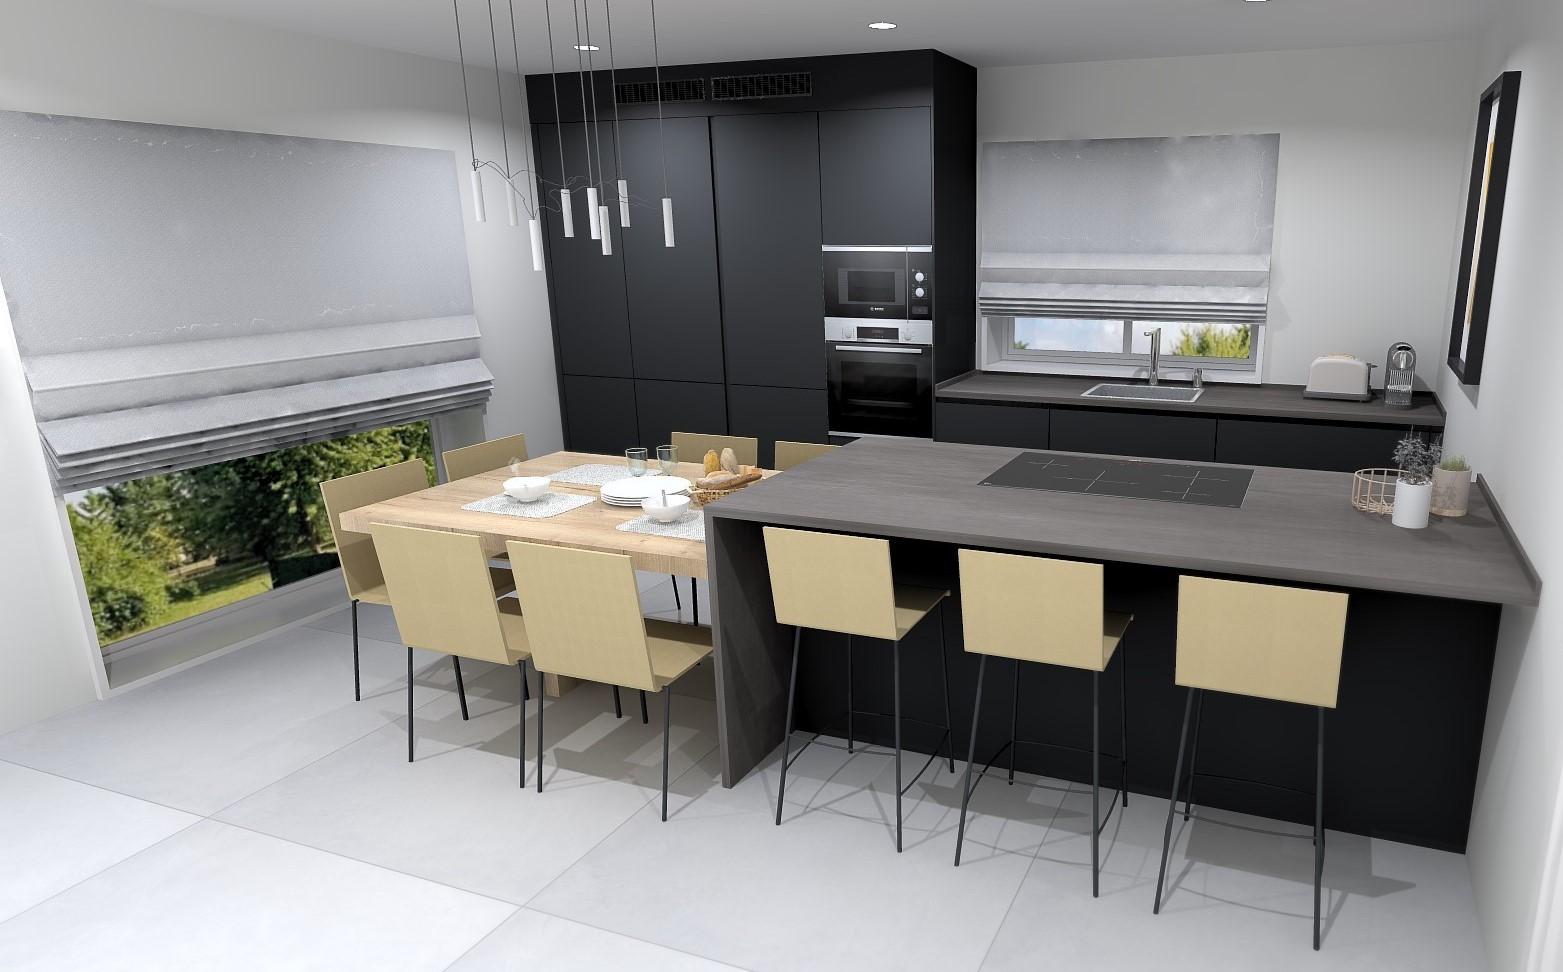 Cocina pequeña en paralelo con barra Santiago Interiores